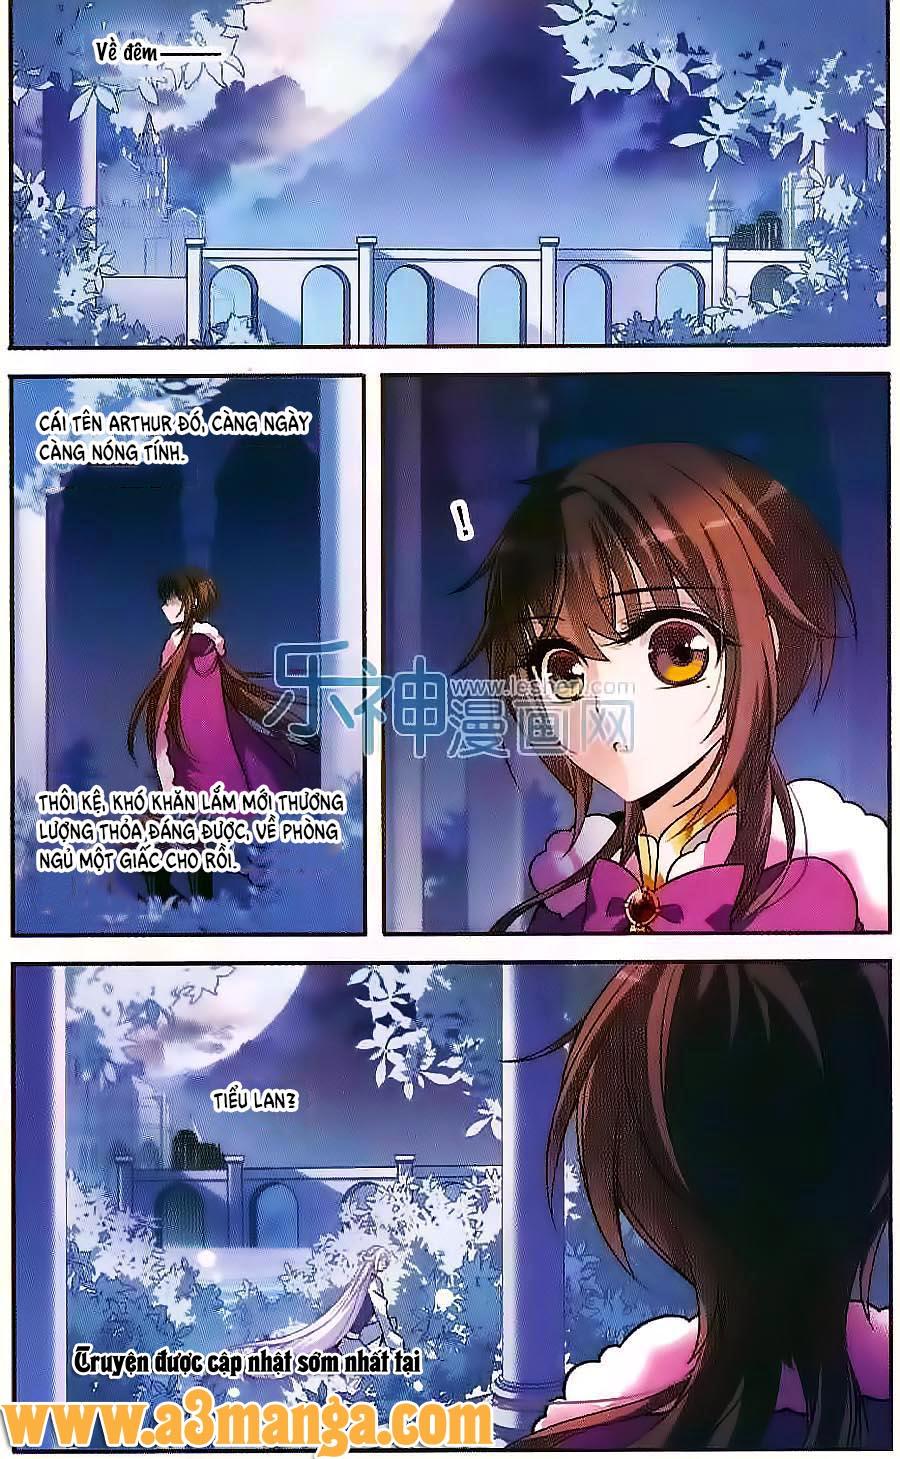 Kỵ Sĩ Hoang Tưởng Dạ chap 118 Trang 3 - Mangak.info